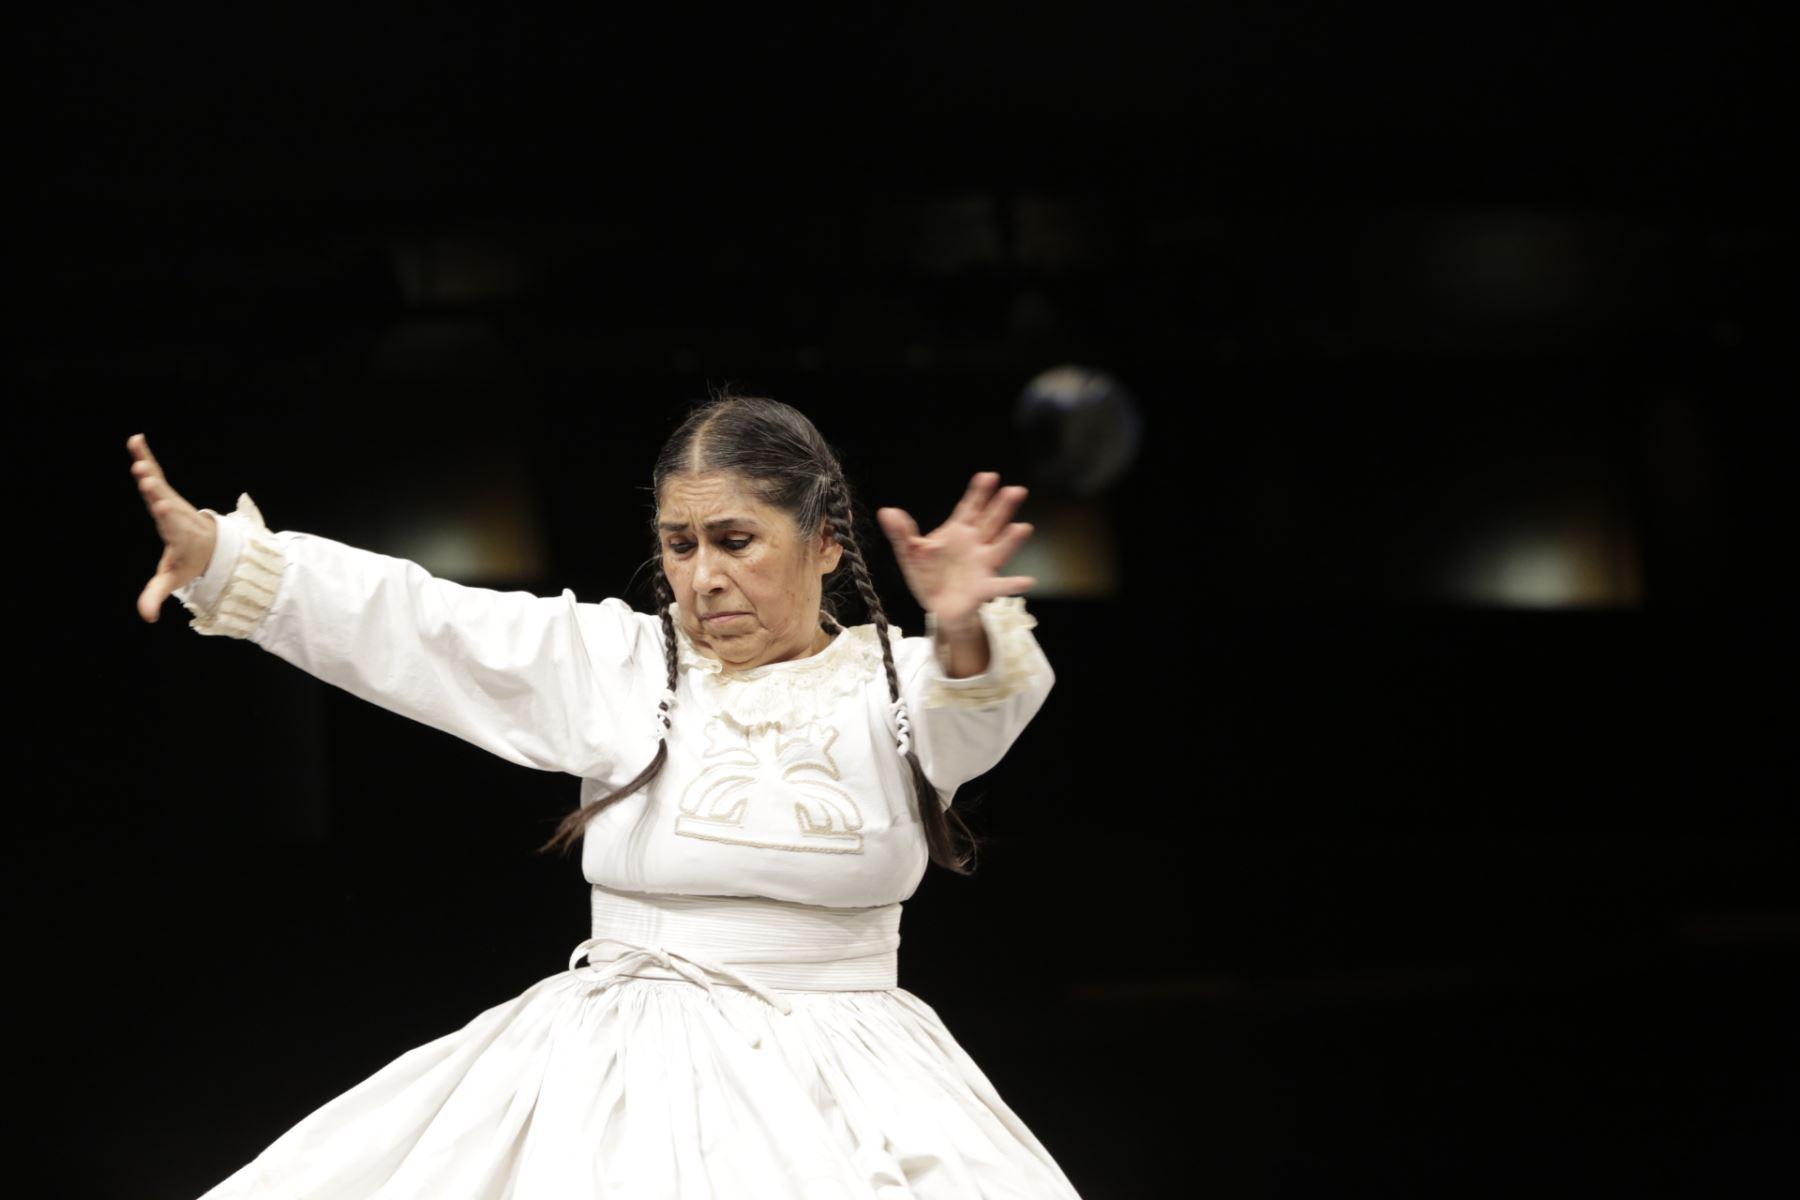 yuyachkani-y-el-gran-teatro-nacional-presentan-rosa-cuchillo-el-desmontaje